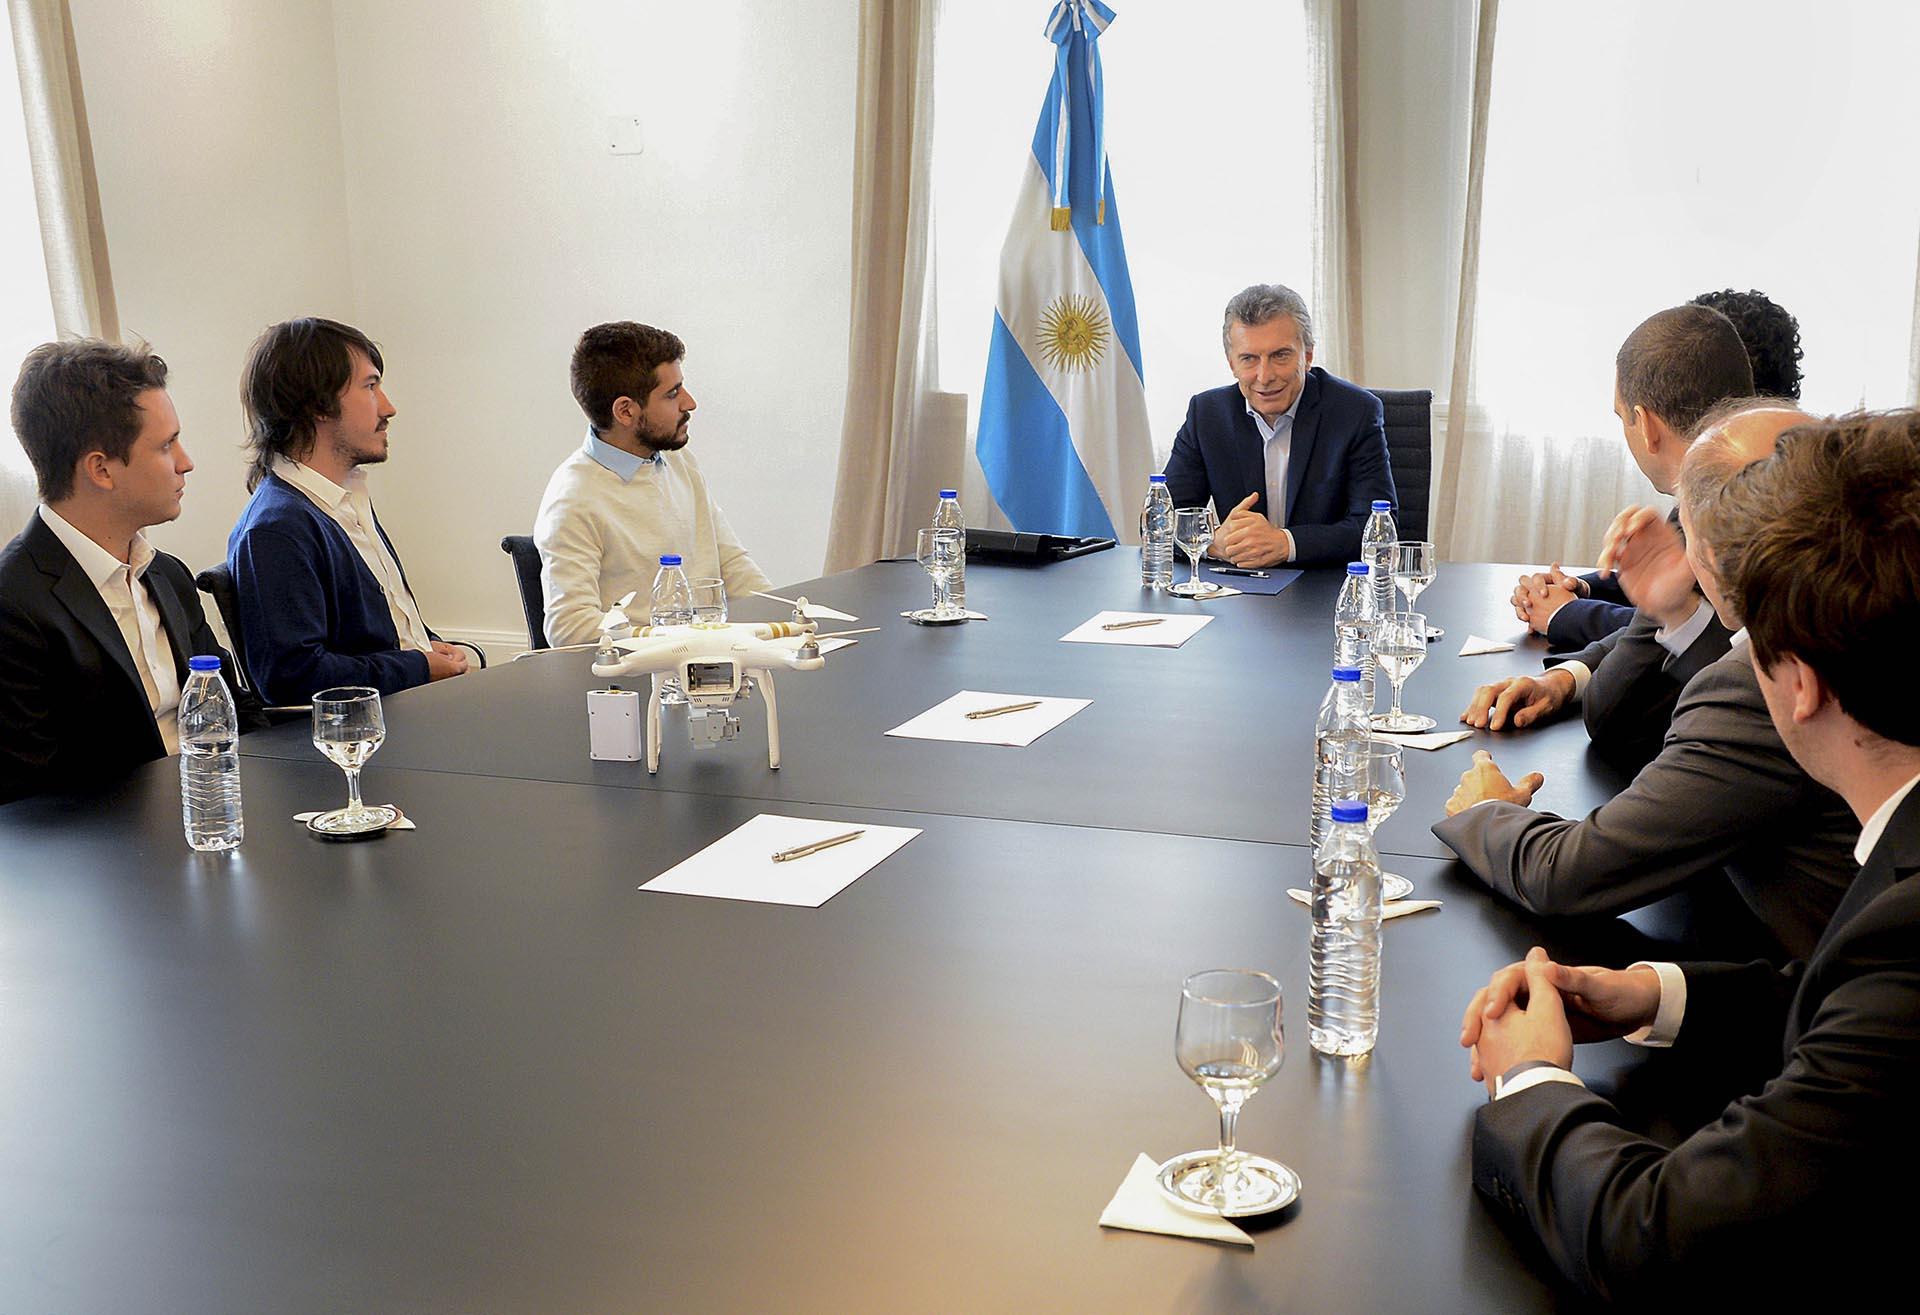 El presidente Mauricio Macri recibió hoy a un grupo de estudiantes de ingeniería informática que ganaron un premio internacional por haber creado un programa que les permite a los rescatistas actuar con más celeridad y precisión frente a catástrofes naturales